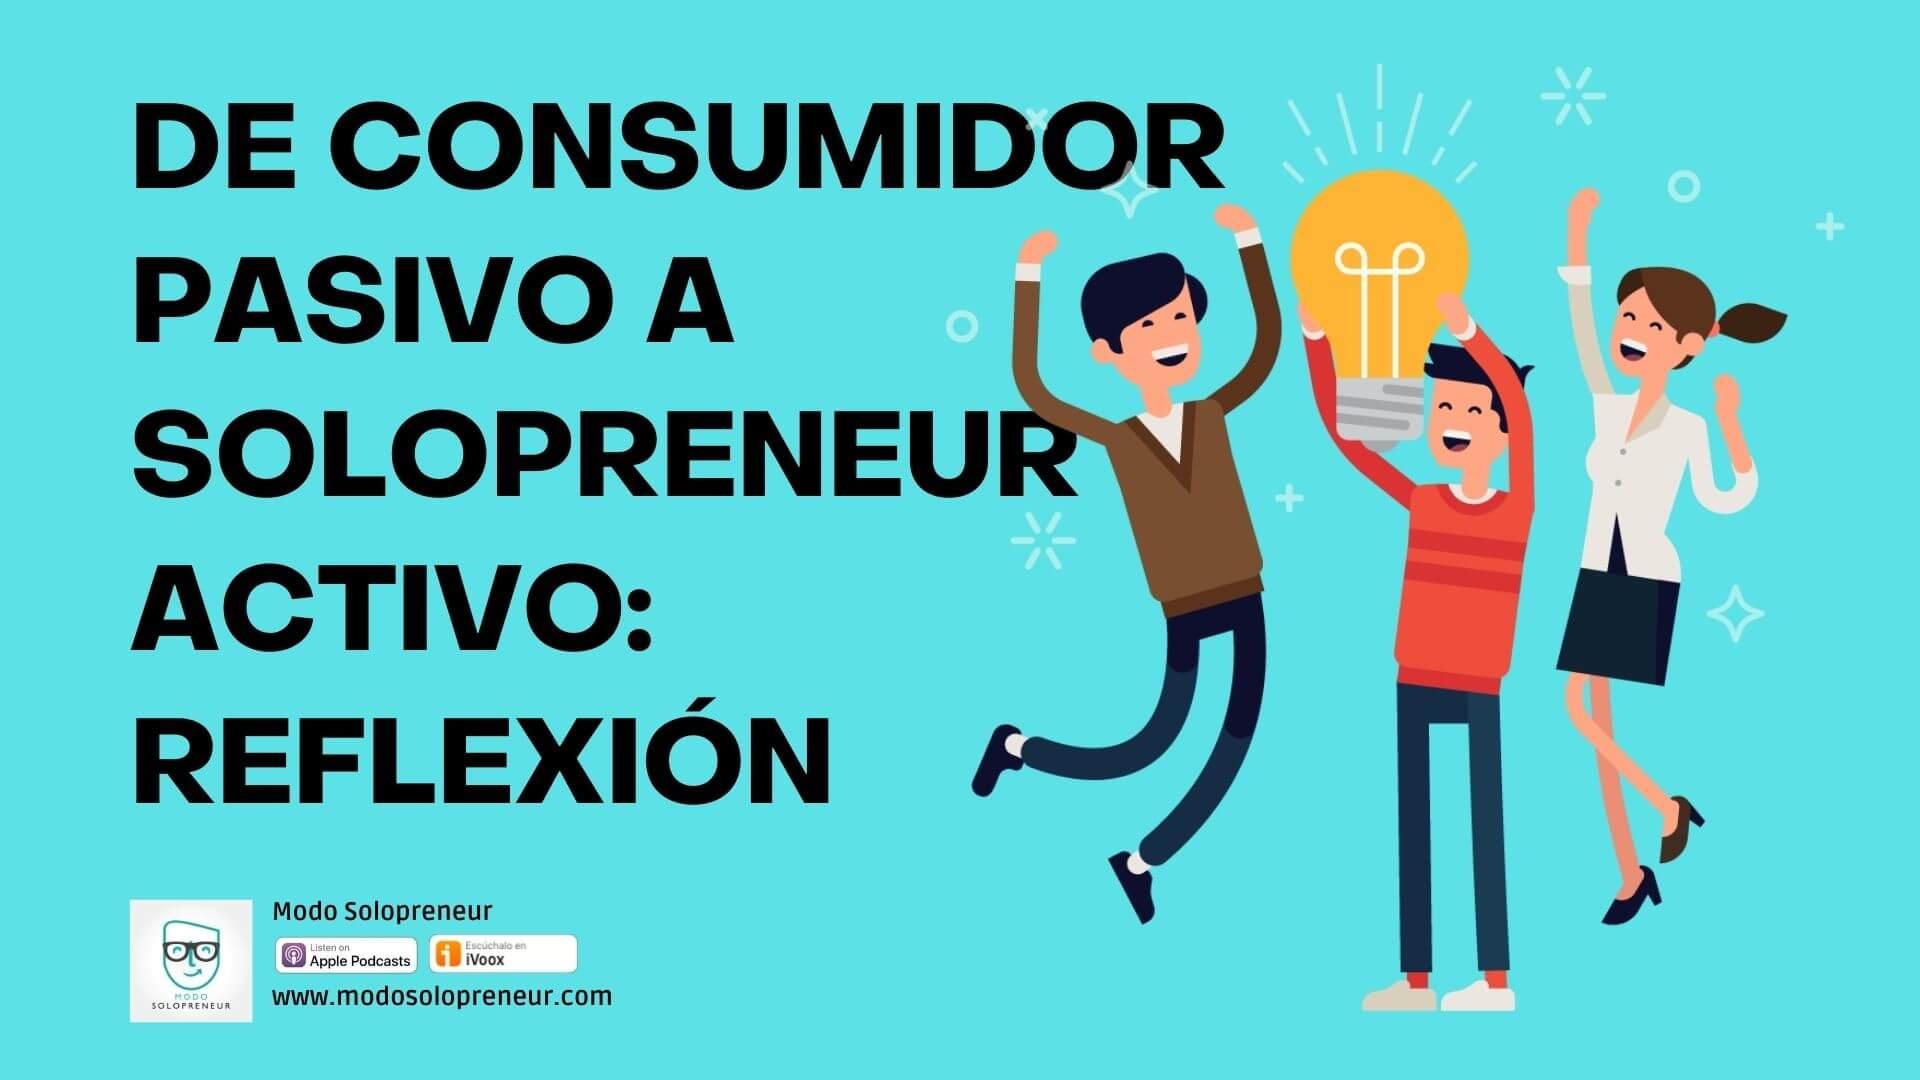 152. De Consumidor Pasivo a Solopreneur Activo